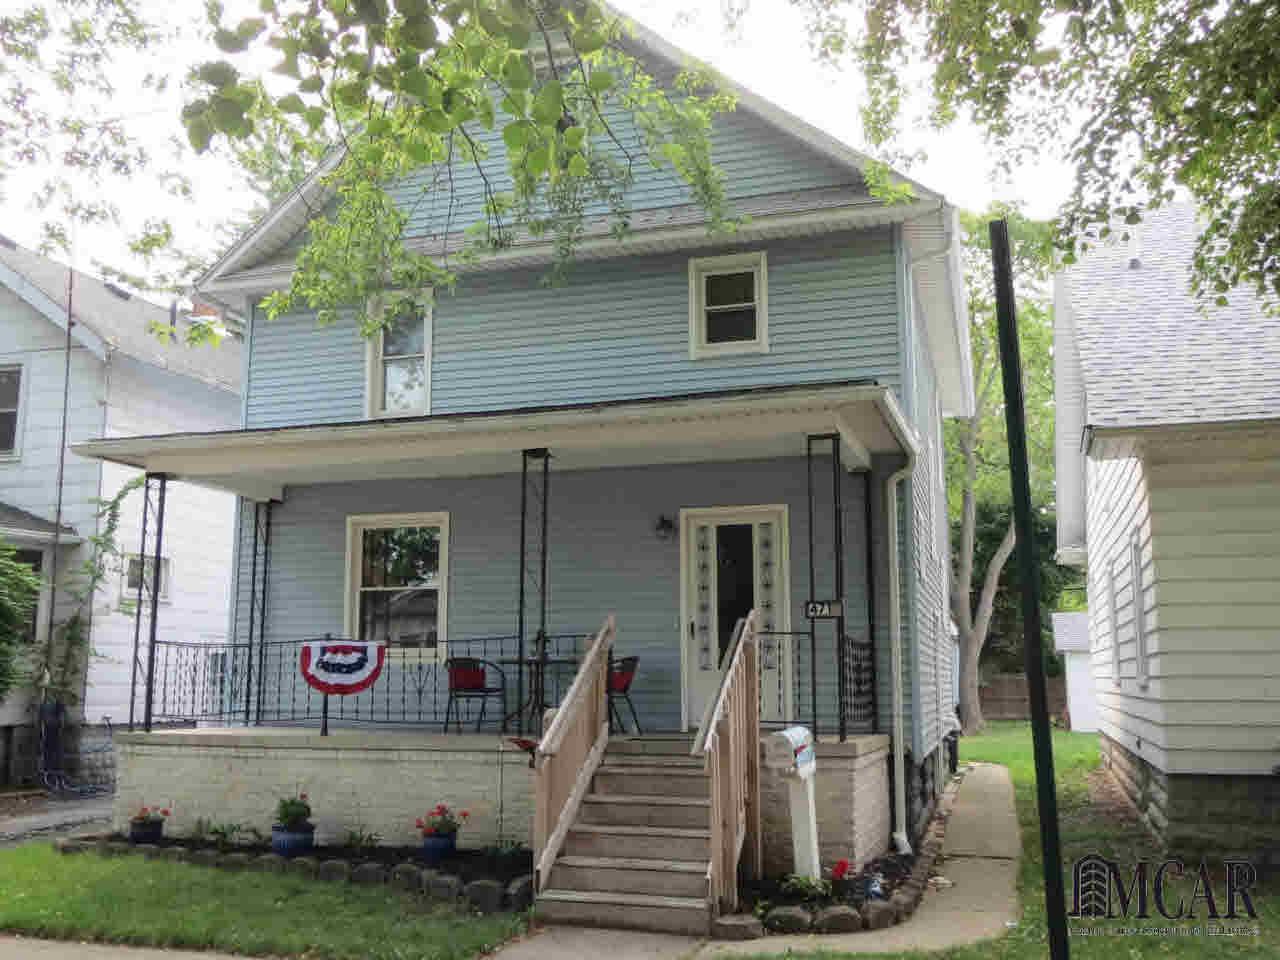 471 Riverview Ave, Monroe, MI - USA (photo 1)